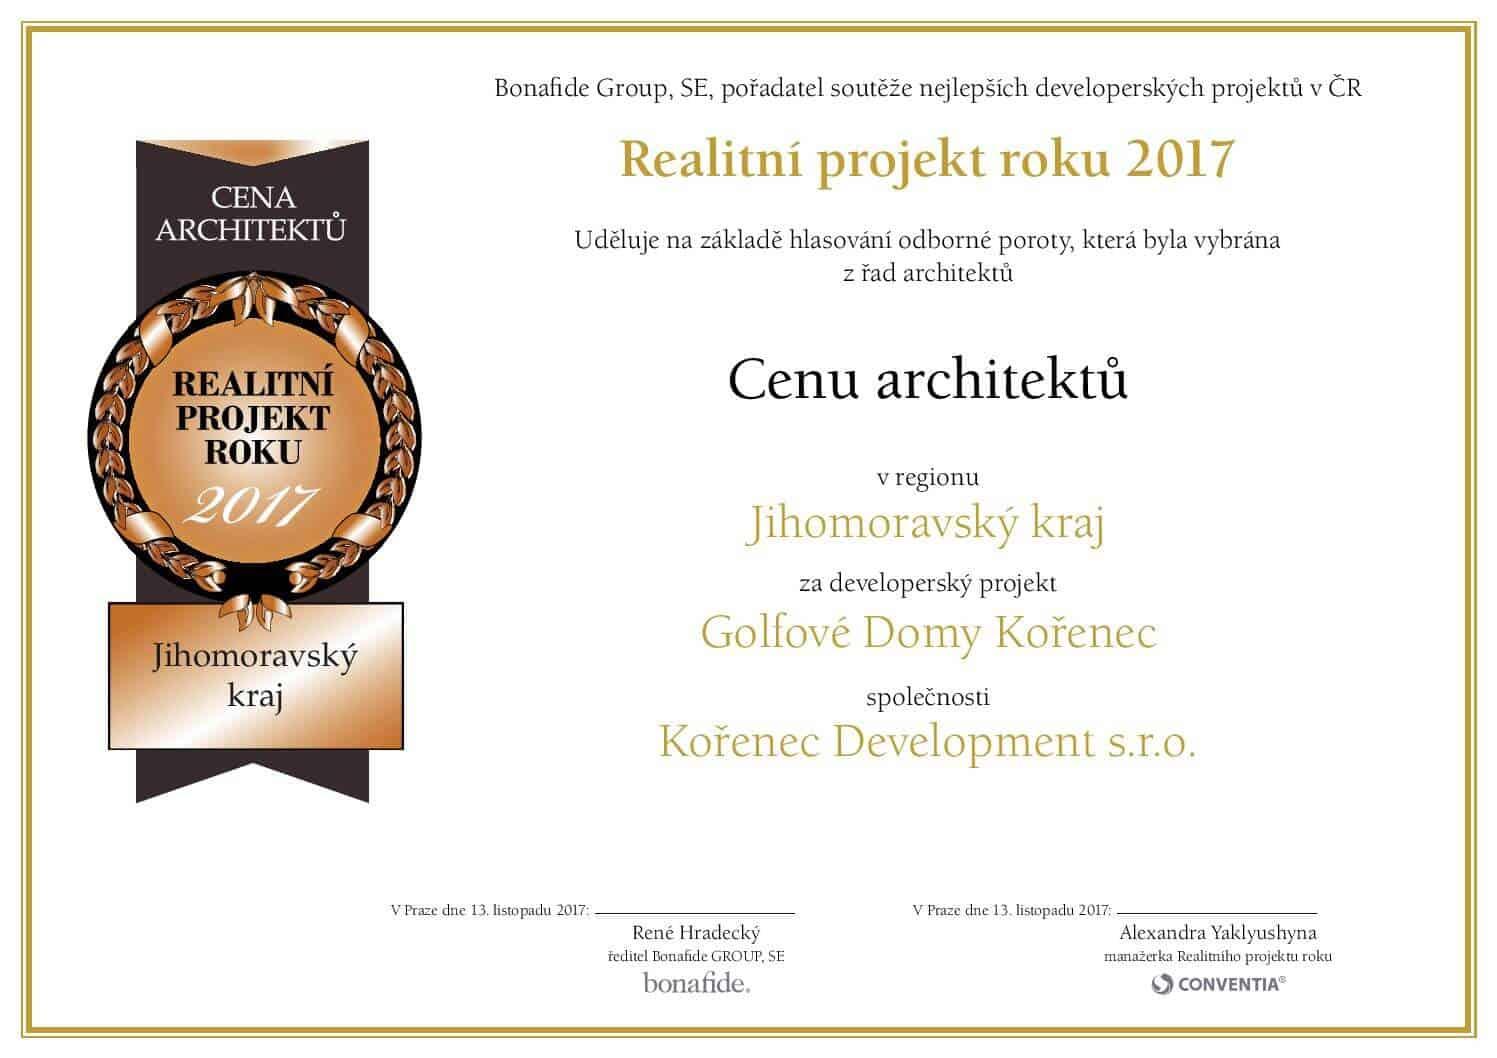 Projekt Develorie, golfové domy na Kořenci, získali cenu Projekt roku 2017.